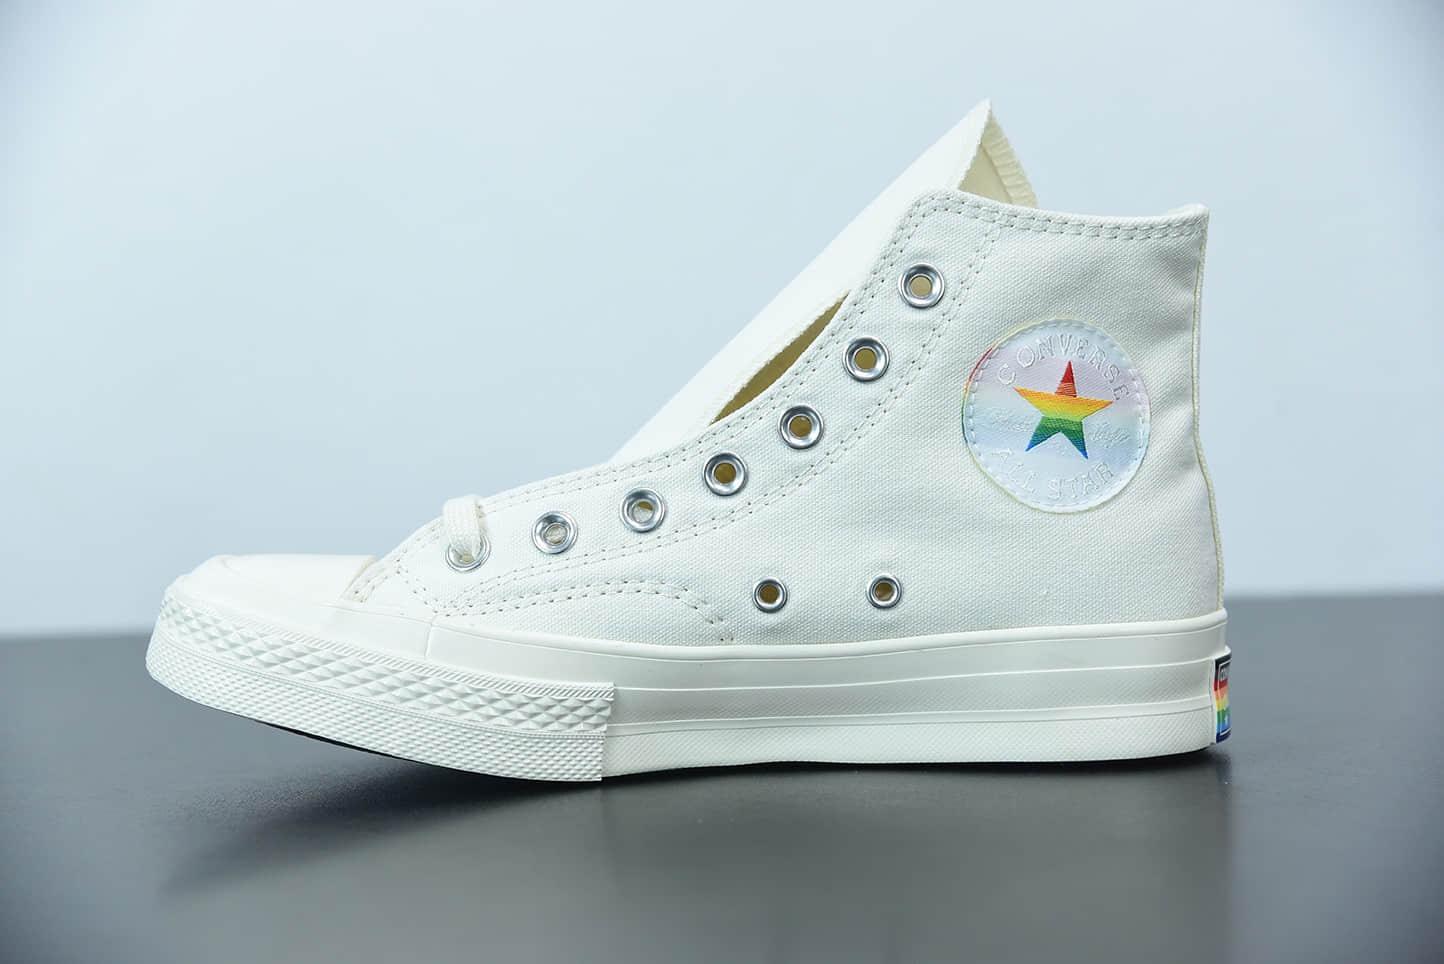 匡威Converse Pride Chuck 70 彩虹色高帮时尚百搭帆布鞋纯原版本 货号:170821C